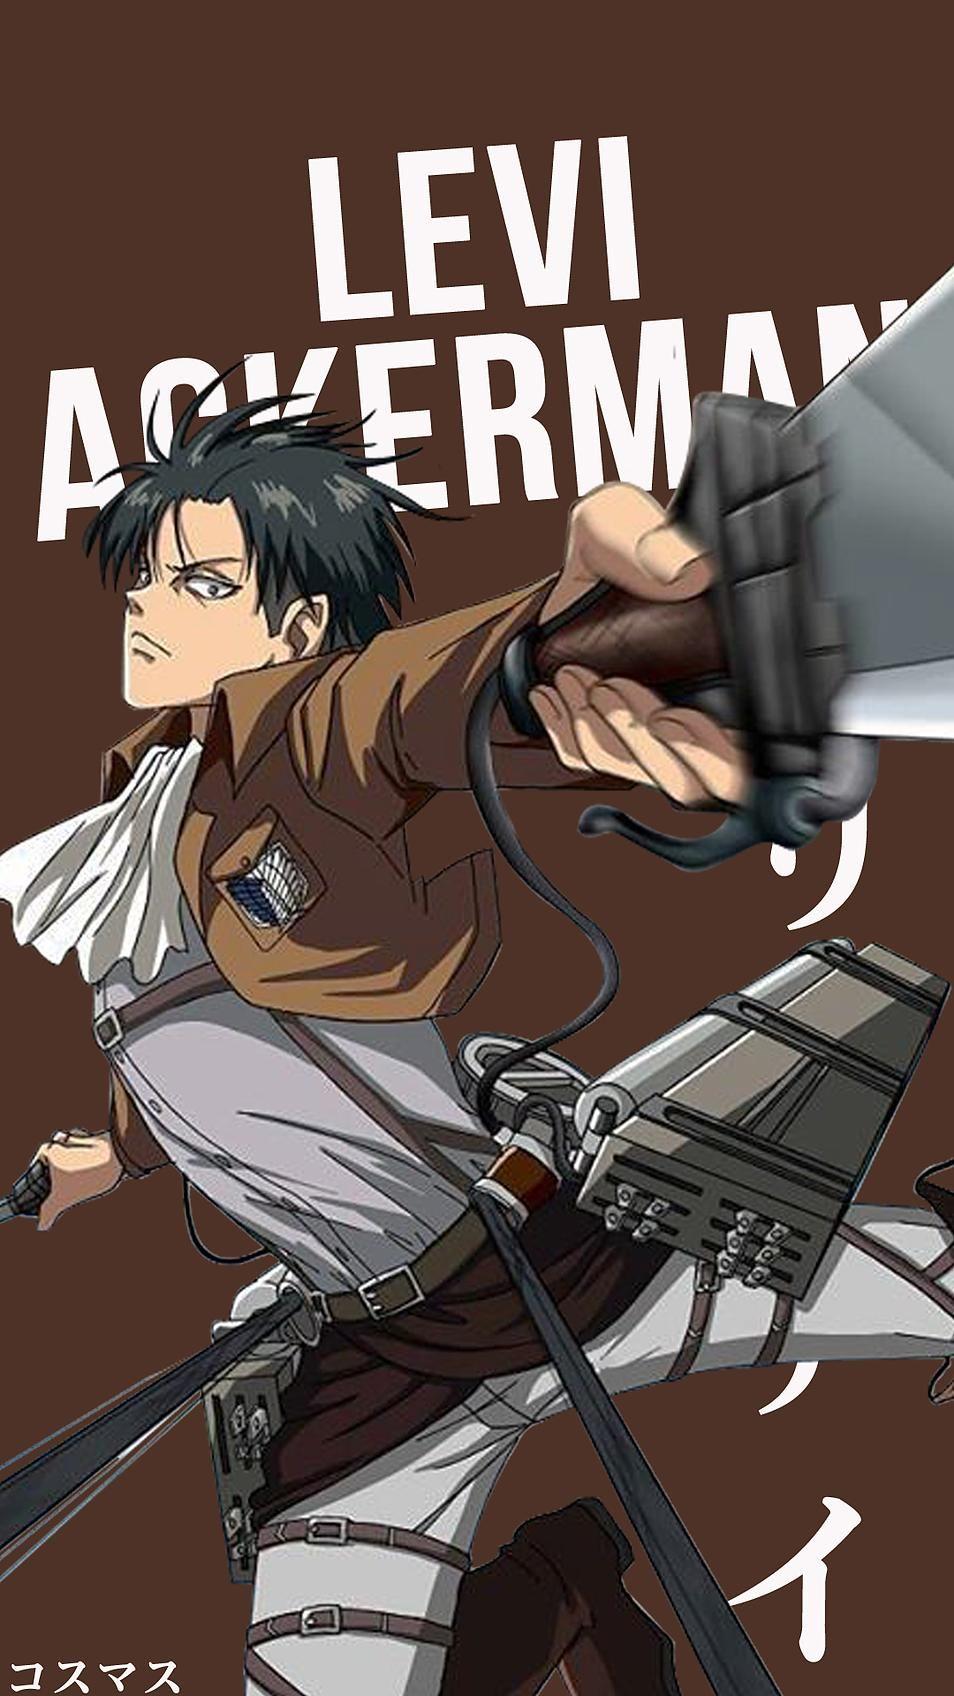 Levi Ackerman V1 Korigengi Anime Wallpaper Hd Source Attack On Titan Levi Anime Anime Character Names